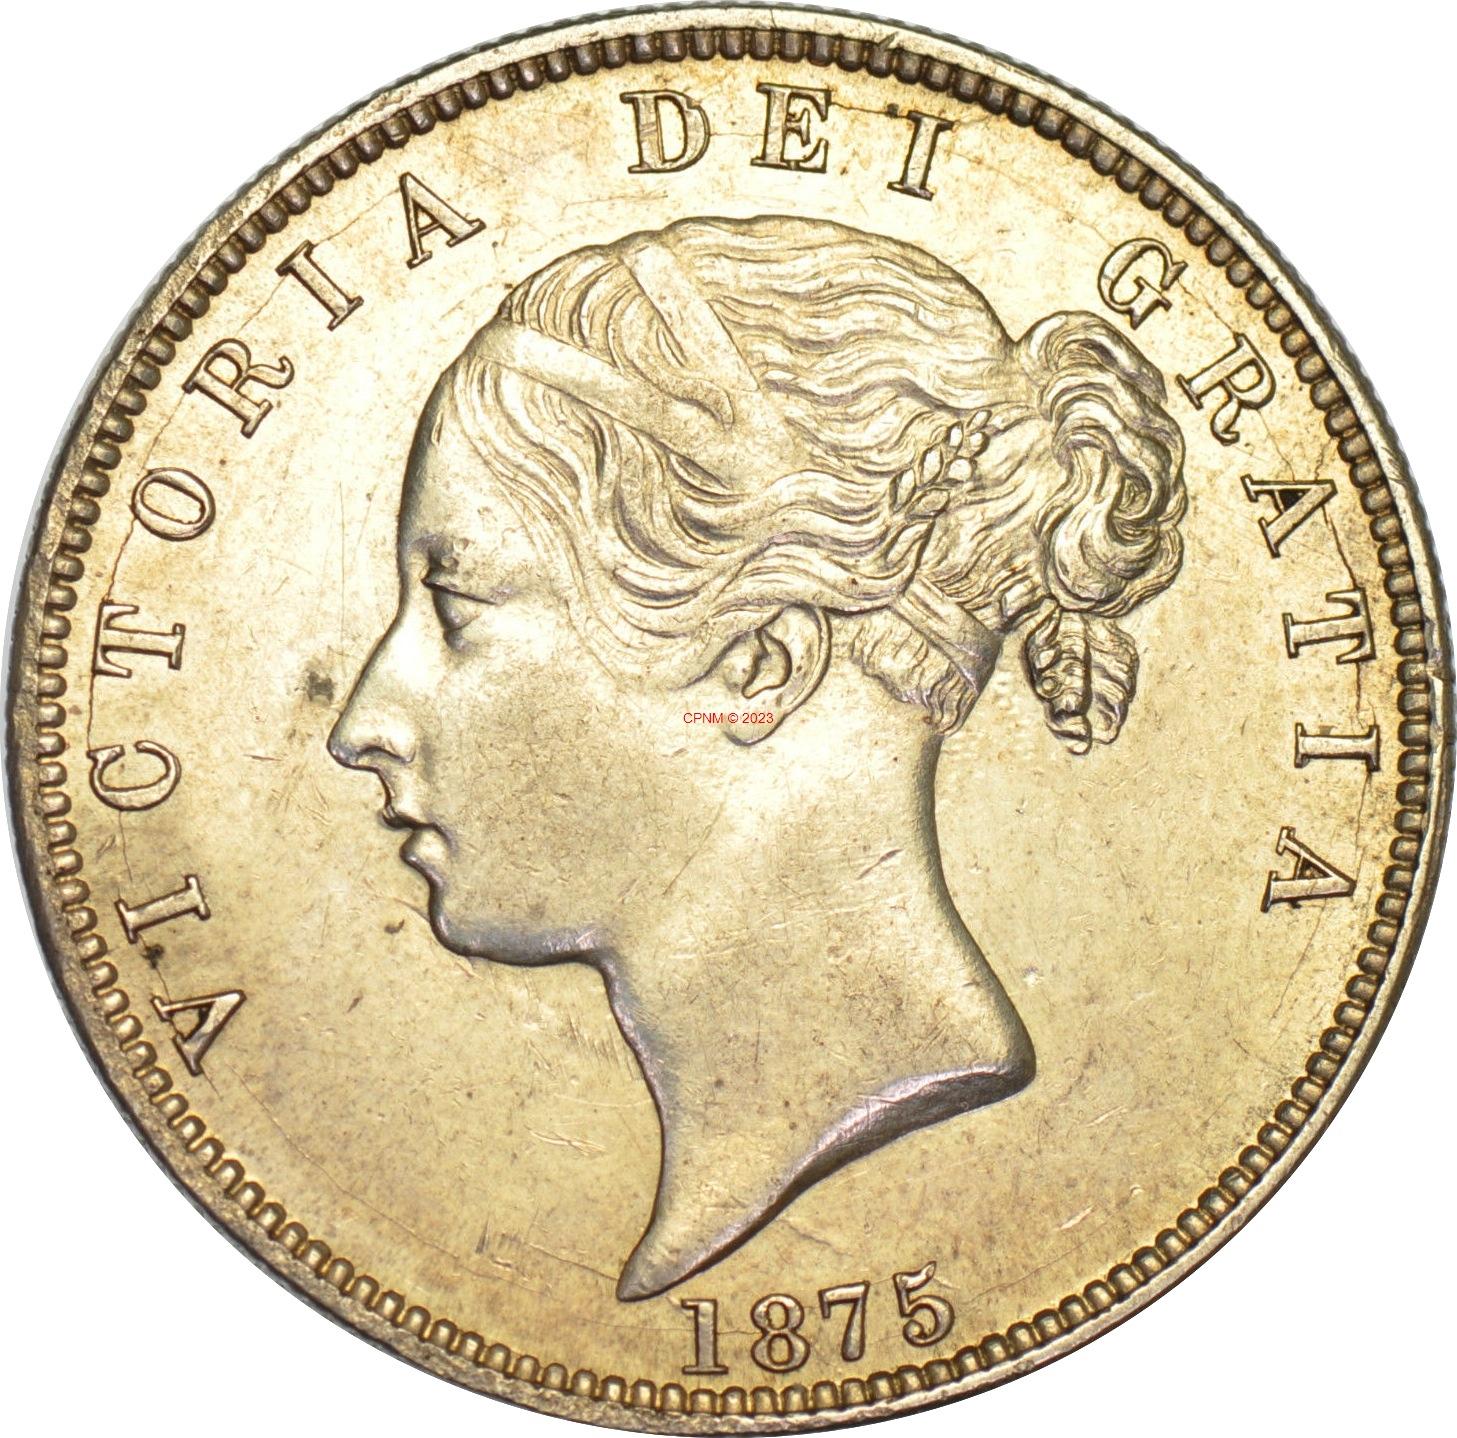 Monnaies d 39 europe grande bretagne - Comptoir numismatique monaco ...